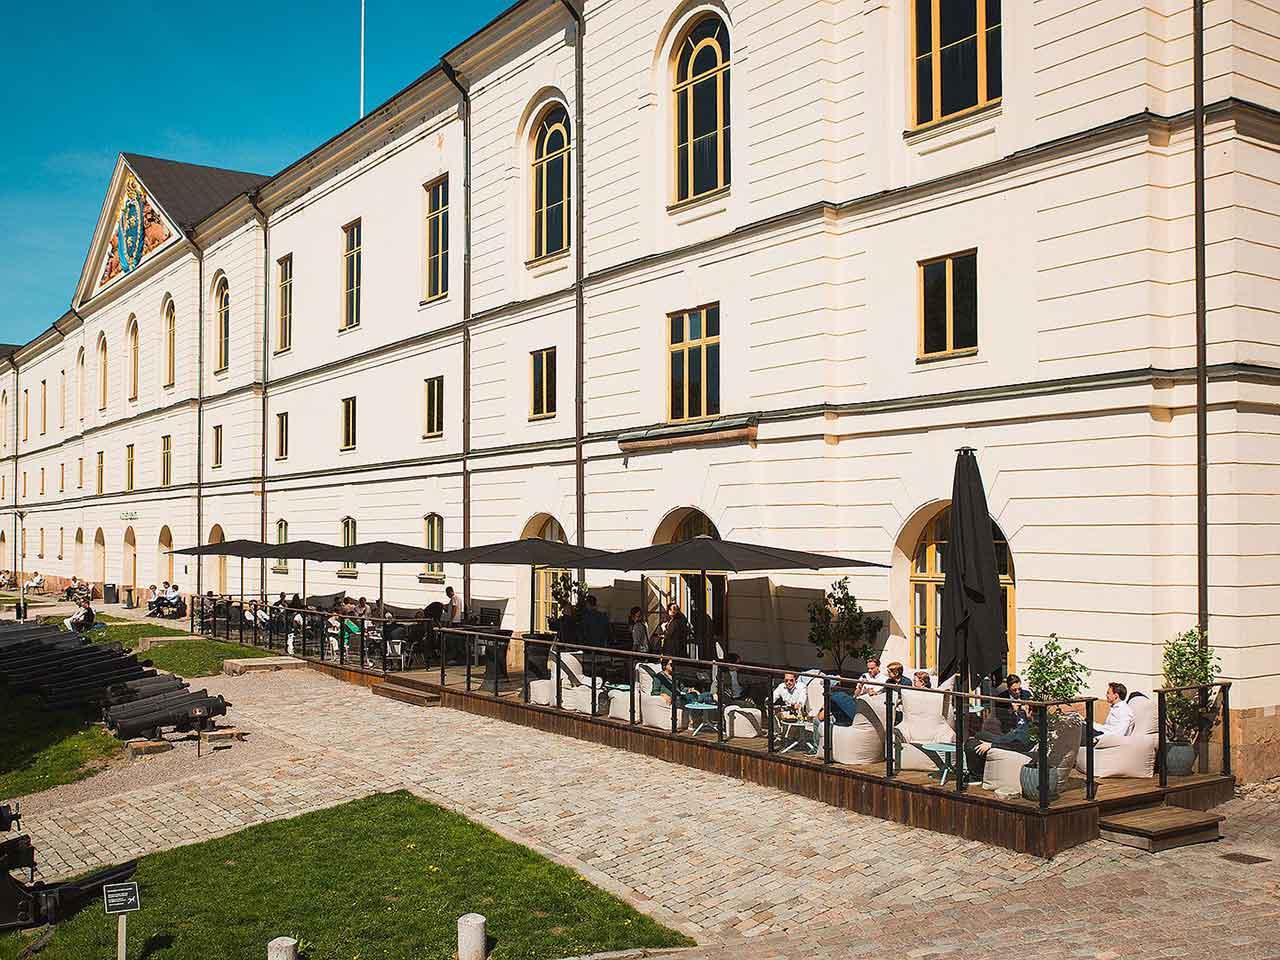 Stor uteplan Artelleriet eventlokal på Östermalm